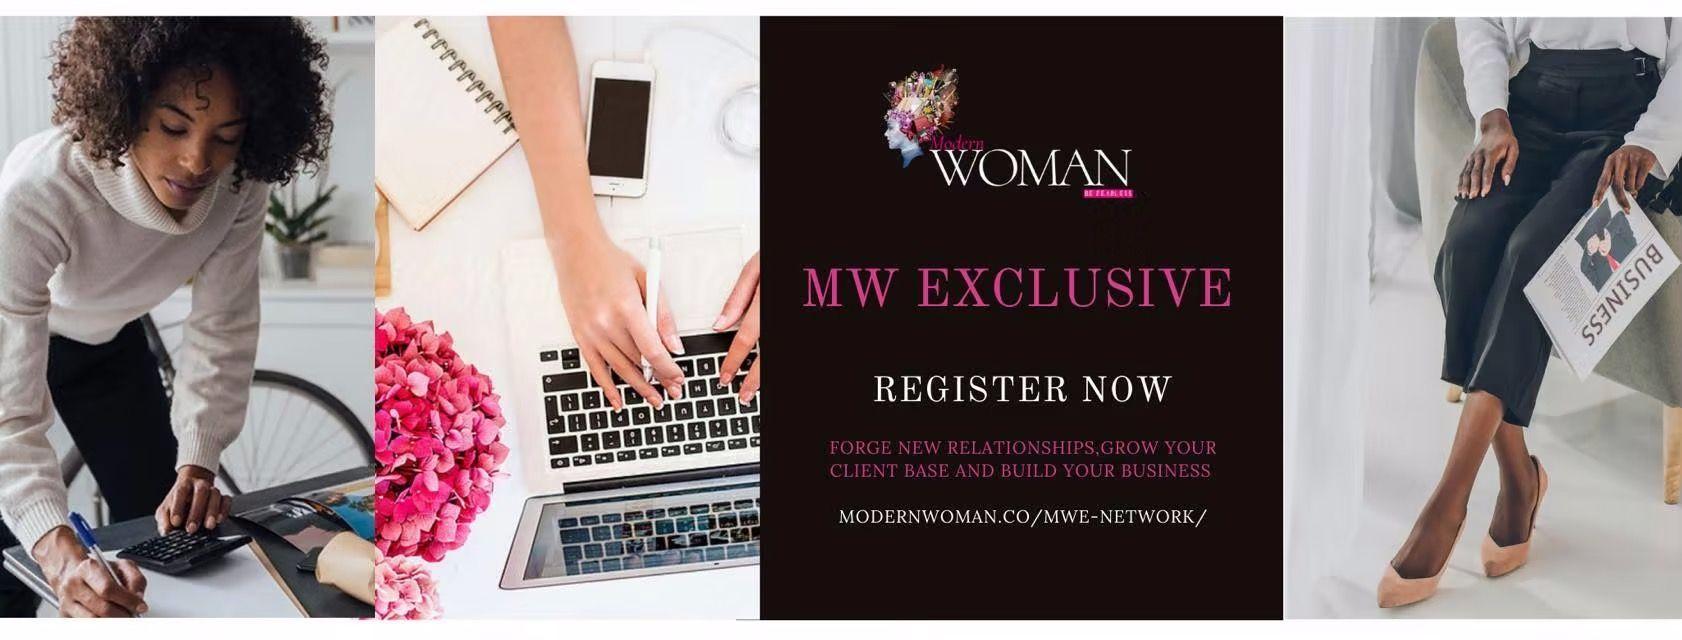 Modern Woman Co.